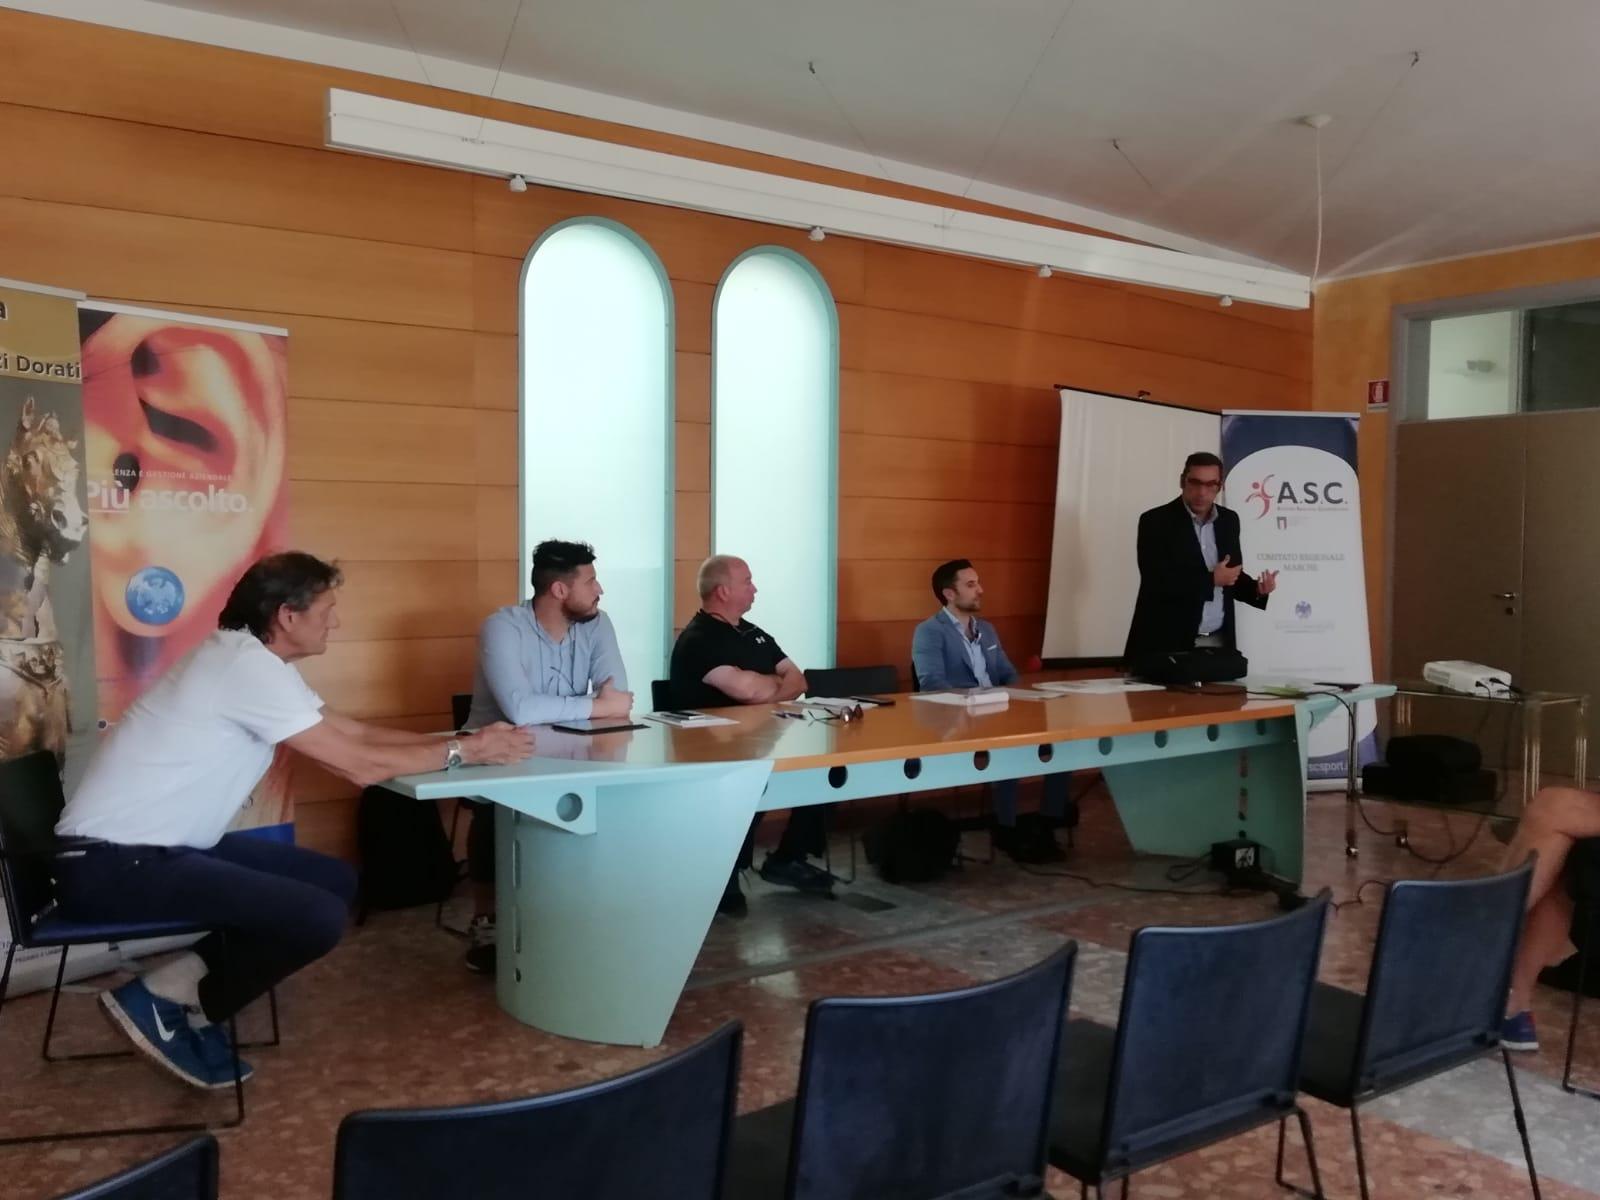 ASC incontra le Associazioni e Societ   sportive dilettantistiche della provincia  Prossima una collaborazione con la Confcommercio